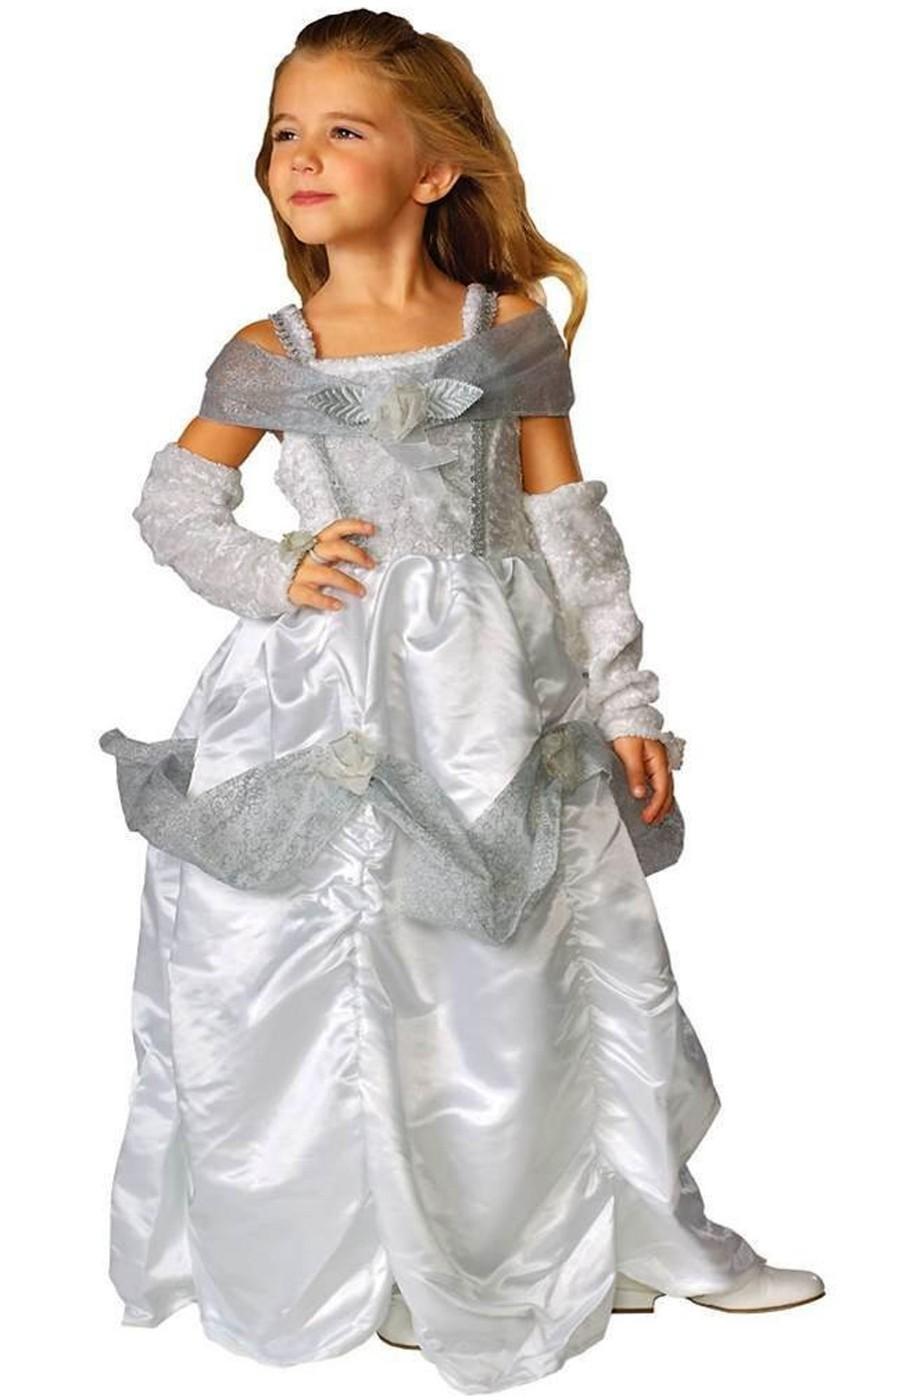 Costume carnevale Bambina Principessa bianca